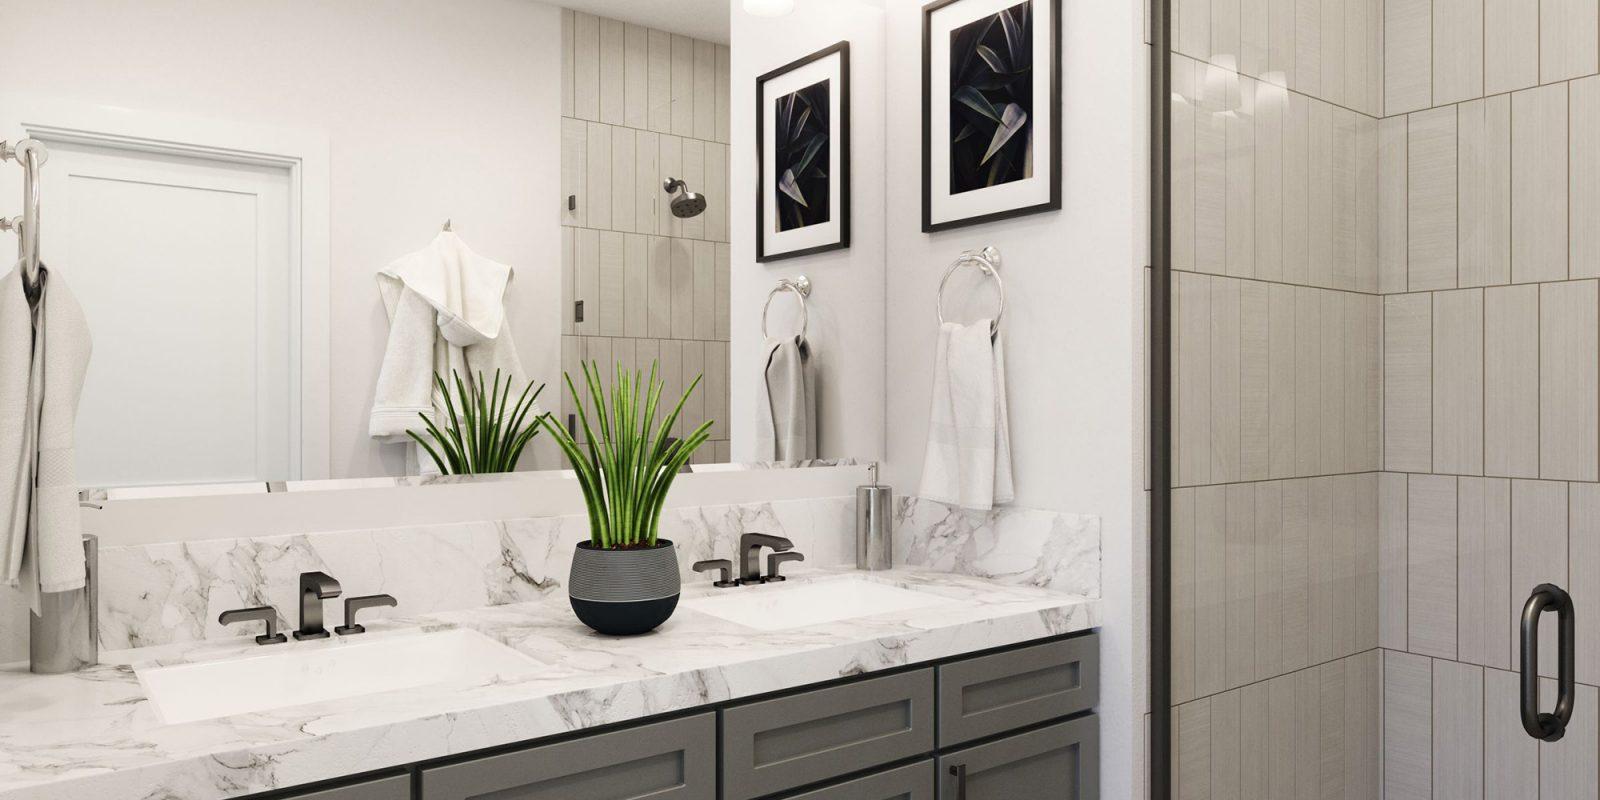 Baseline DoMore Rows: Haven - Master Bathroom